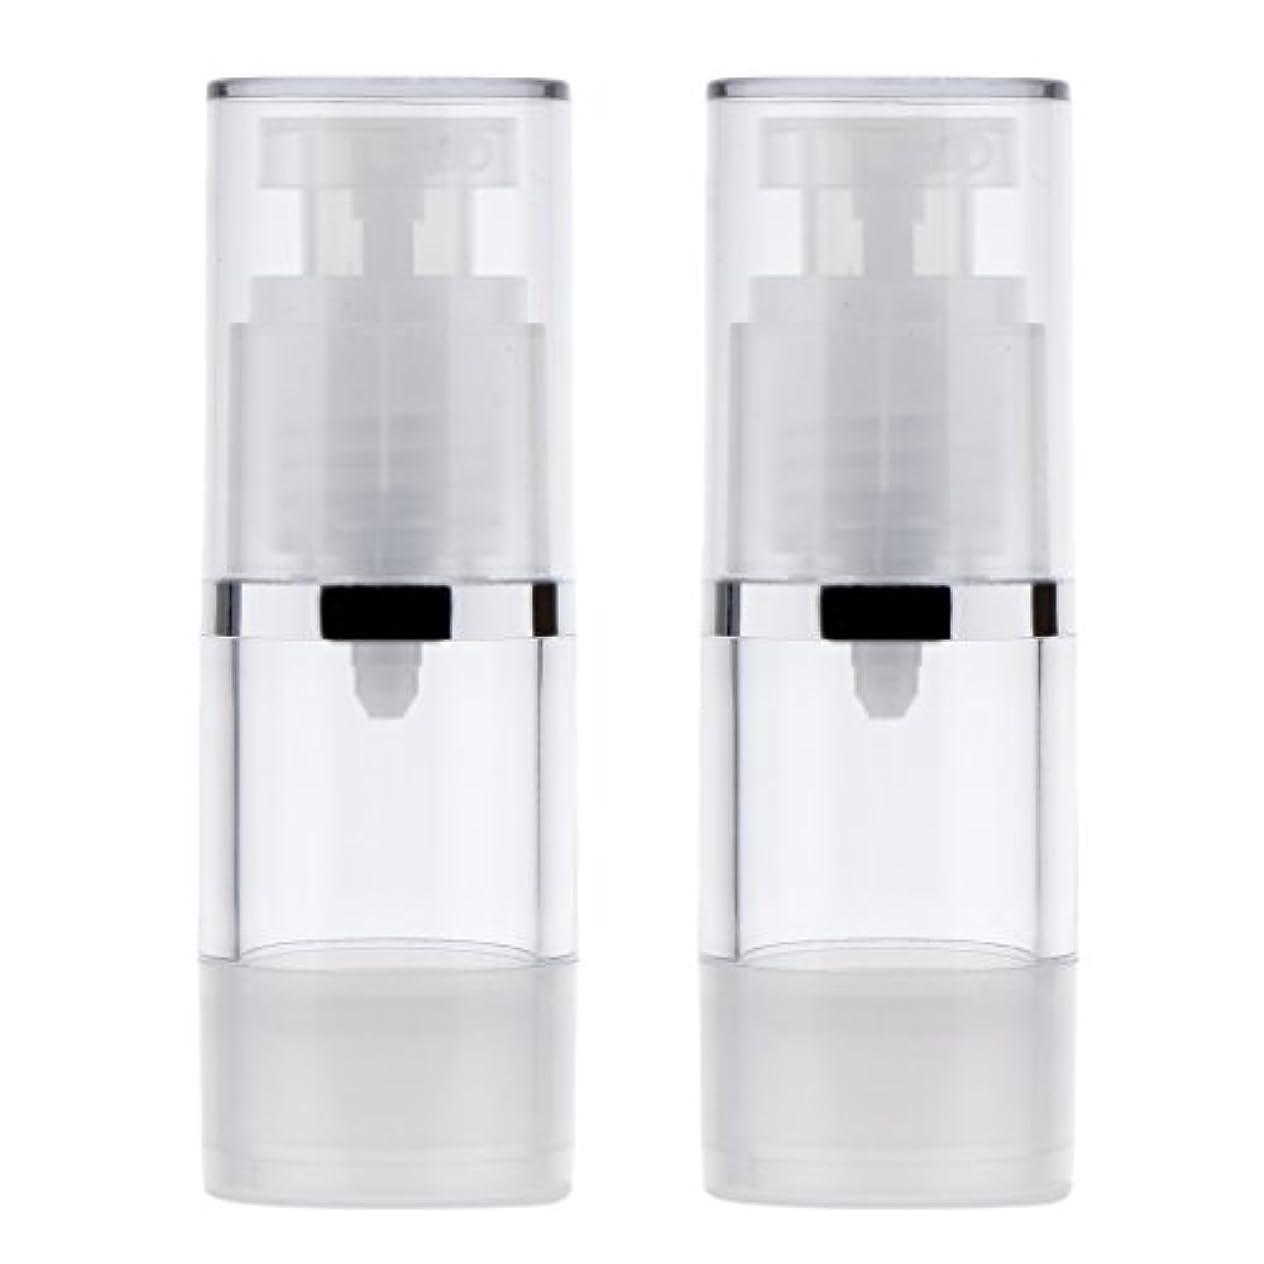 エアコン分析的な必需品Blesiya 2個 ポンプボトル ディスペンサー 詰め替え可 化粧品 クリーム ローション ポンプチューブ エアレスボトル 収納用 容器 3サイズ選べる - 15ml